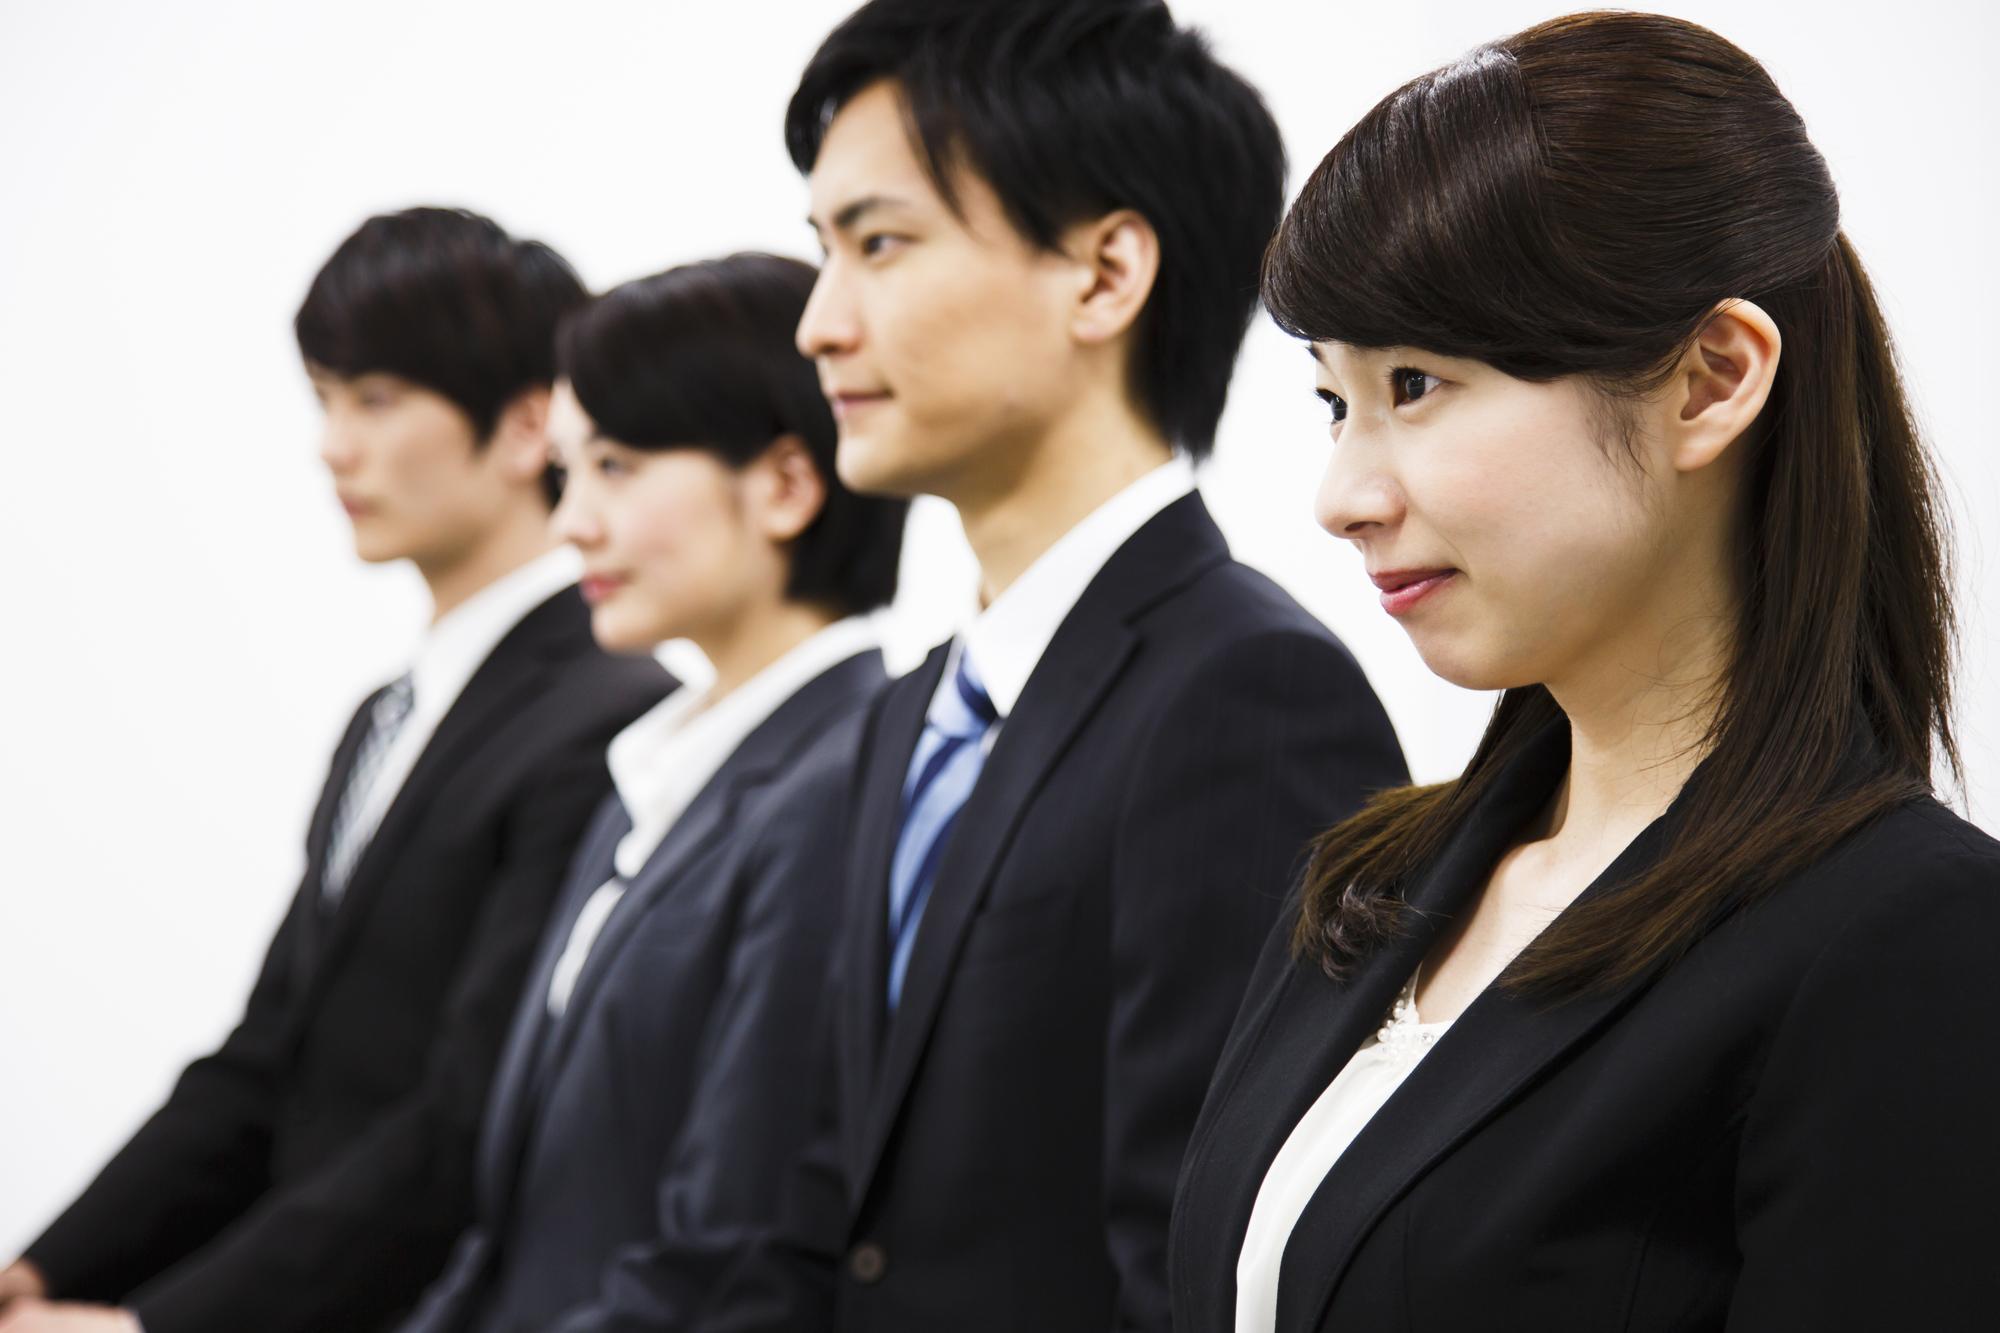 転職の面接に臨む男女